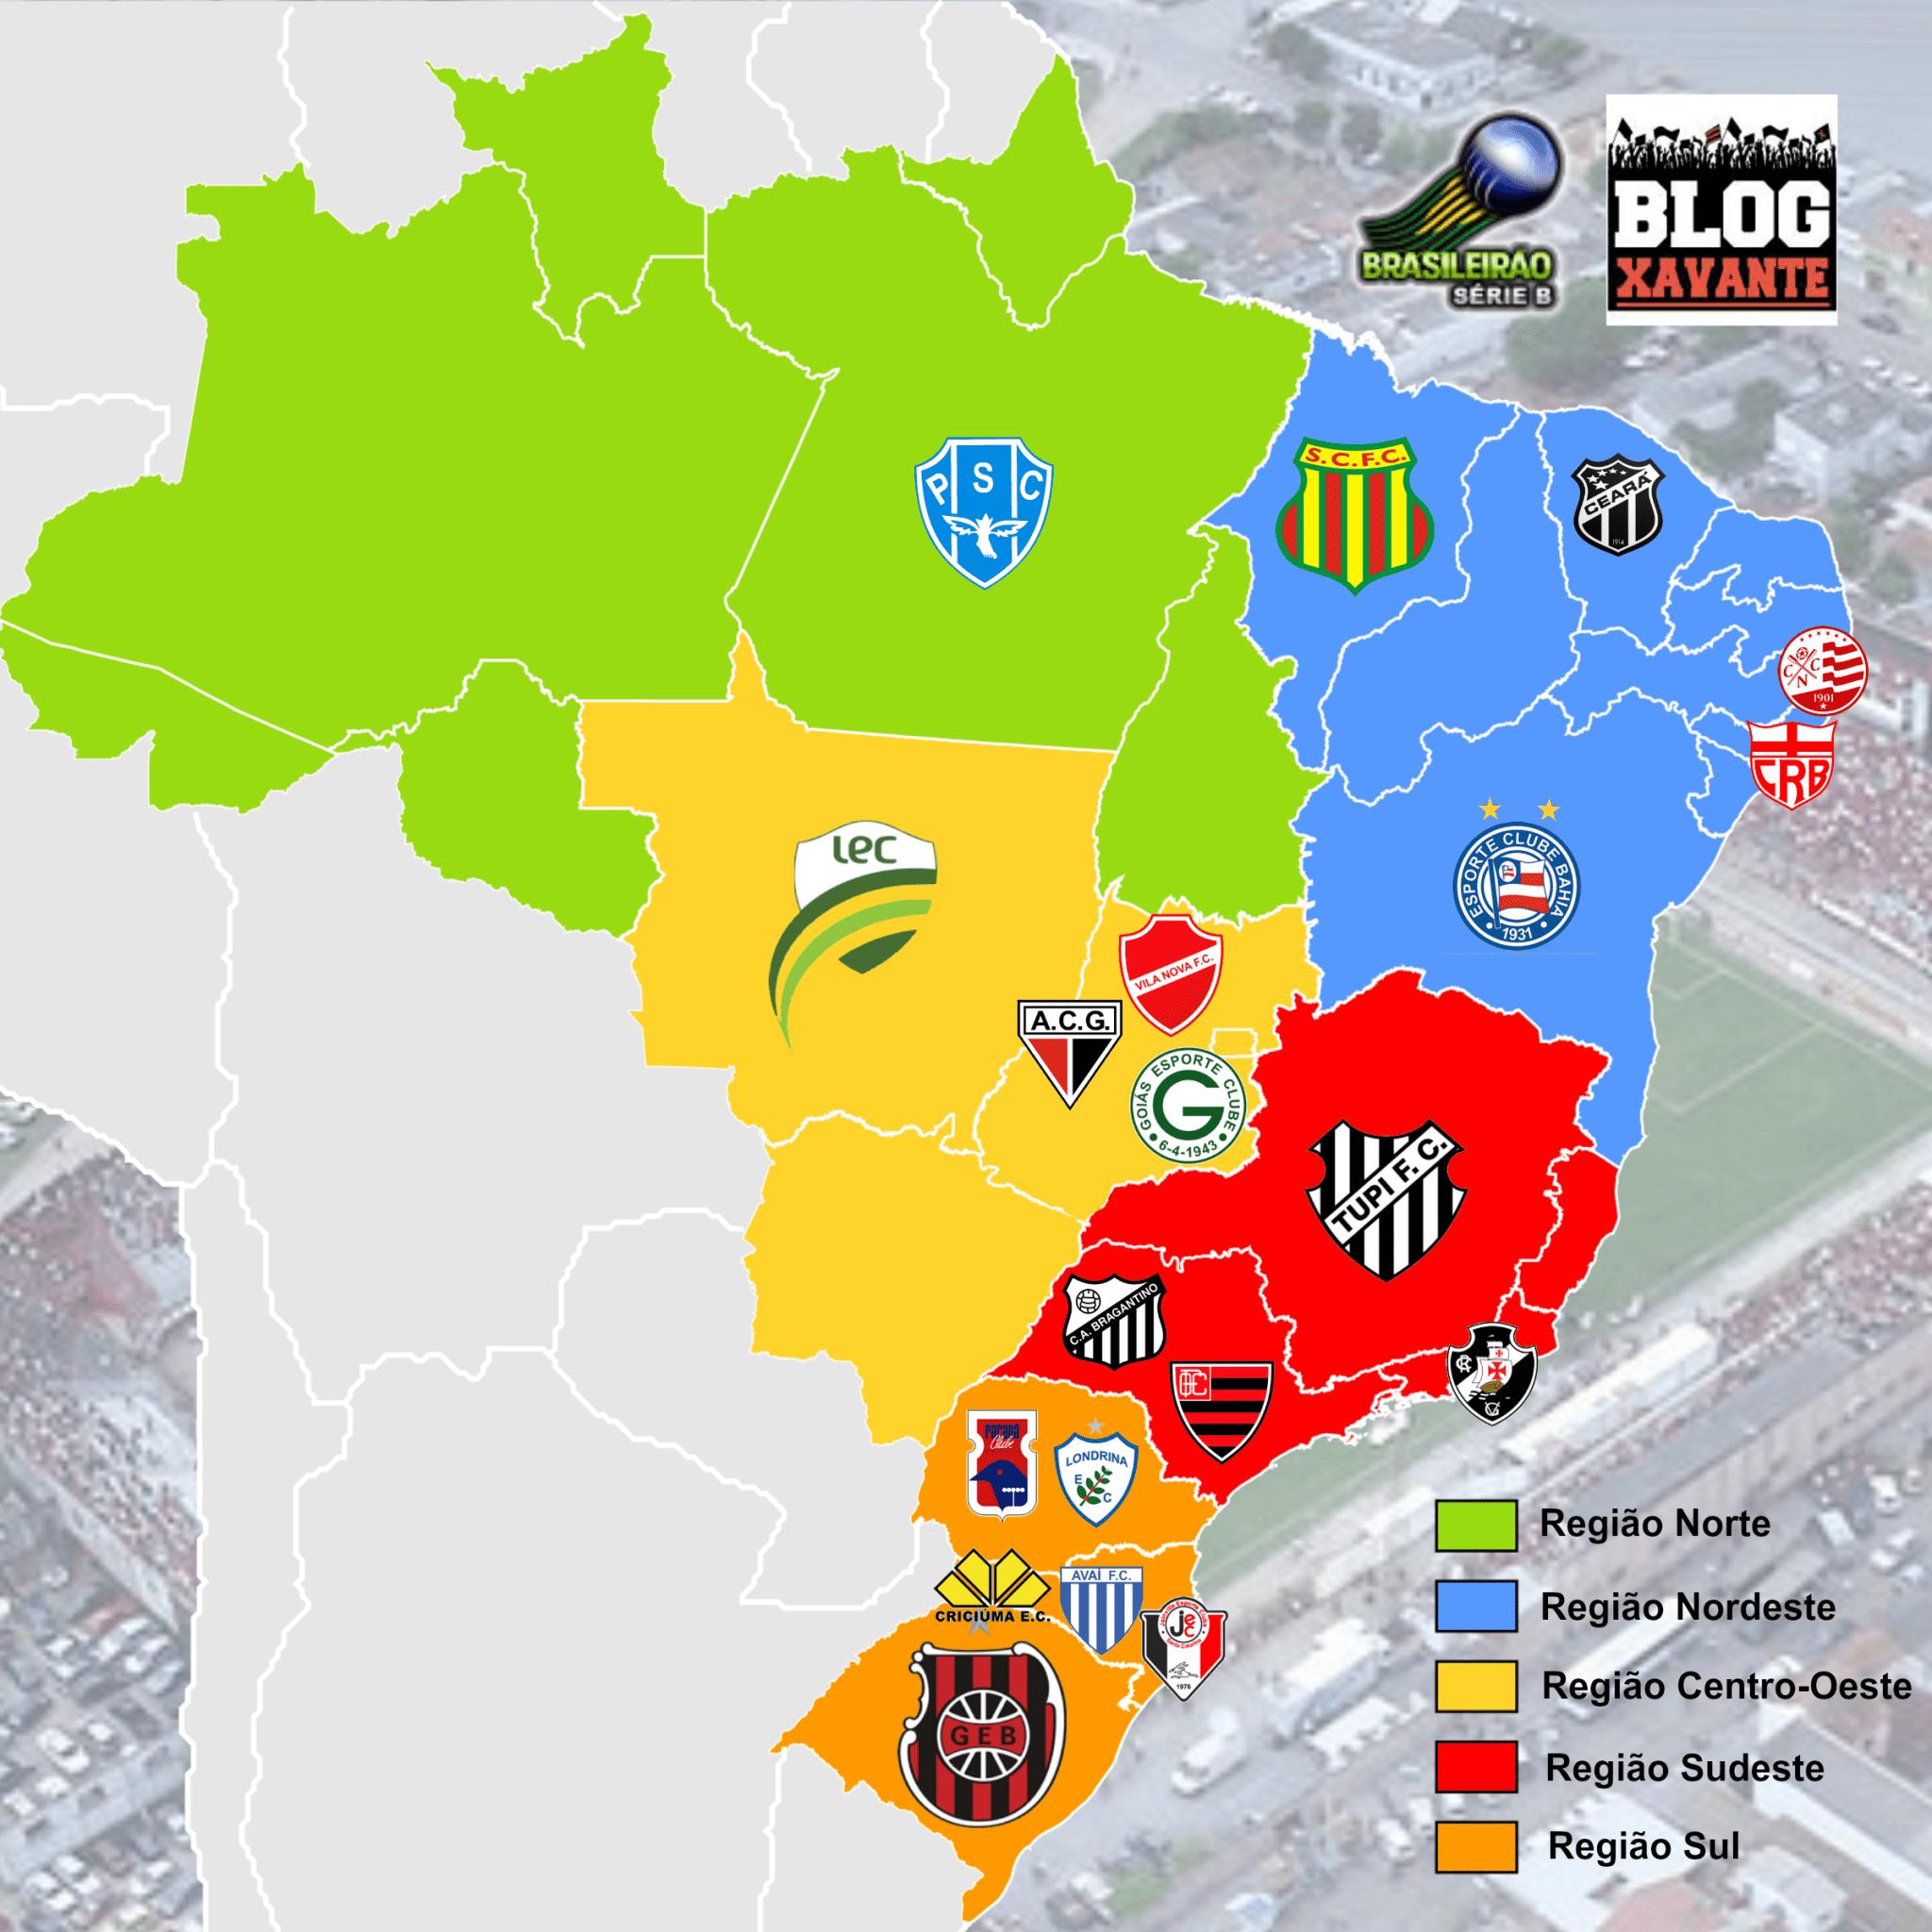 Raio-x da Série B 2016